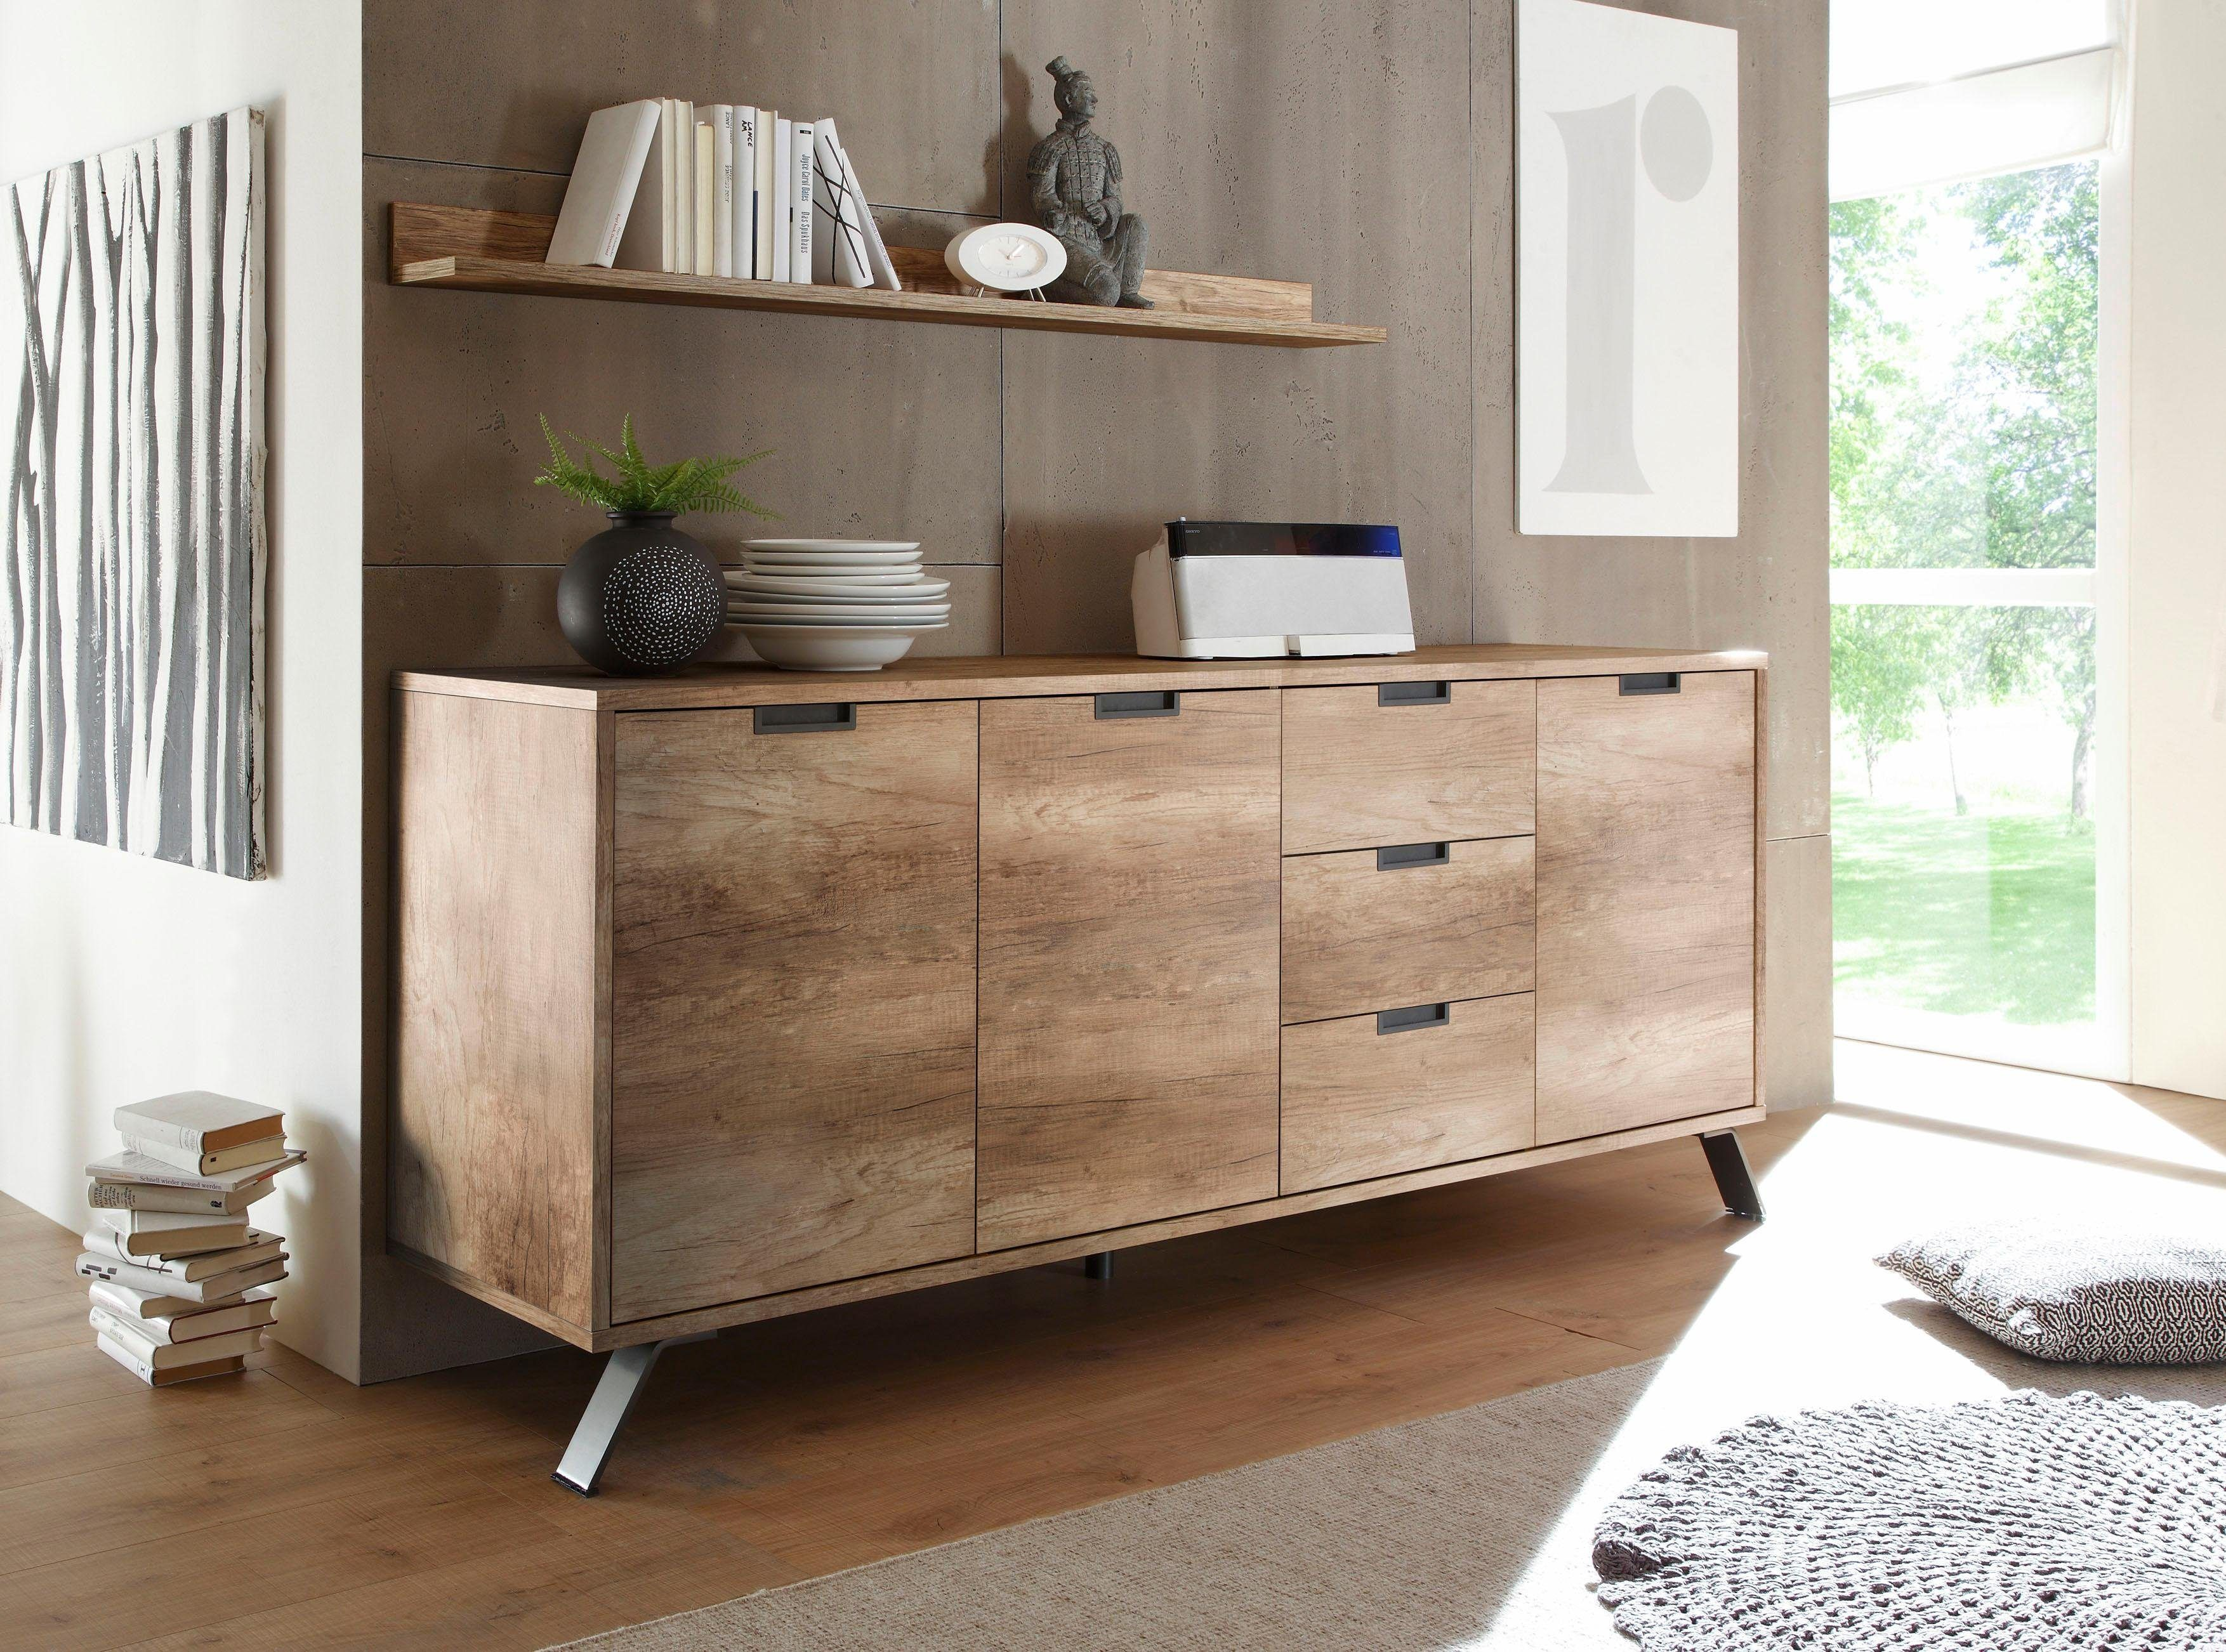 Highboard Wohnzimmer ~ Lc sideboard beige »palma« mit schubkästen fsc® zertifiziert